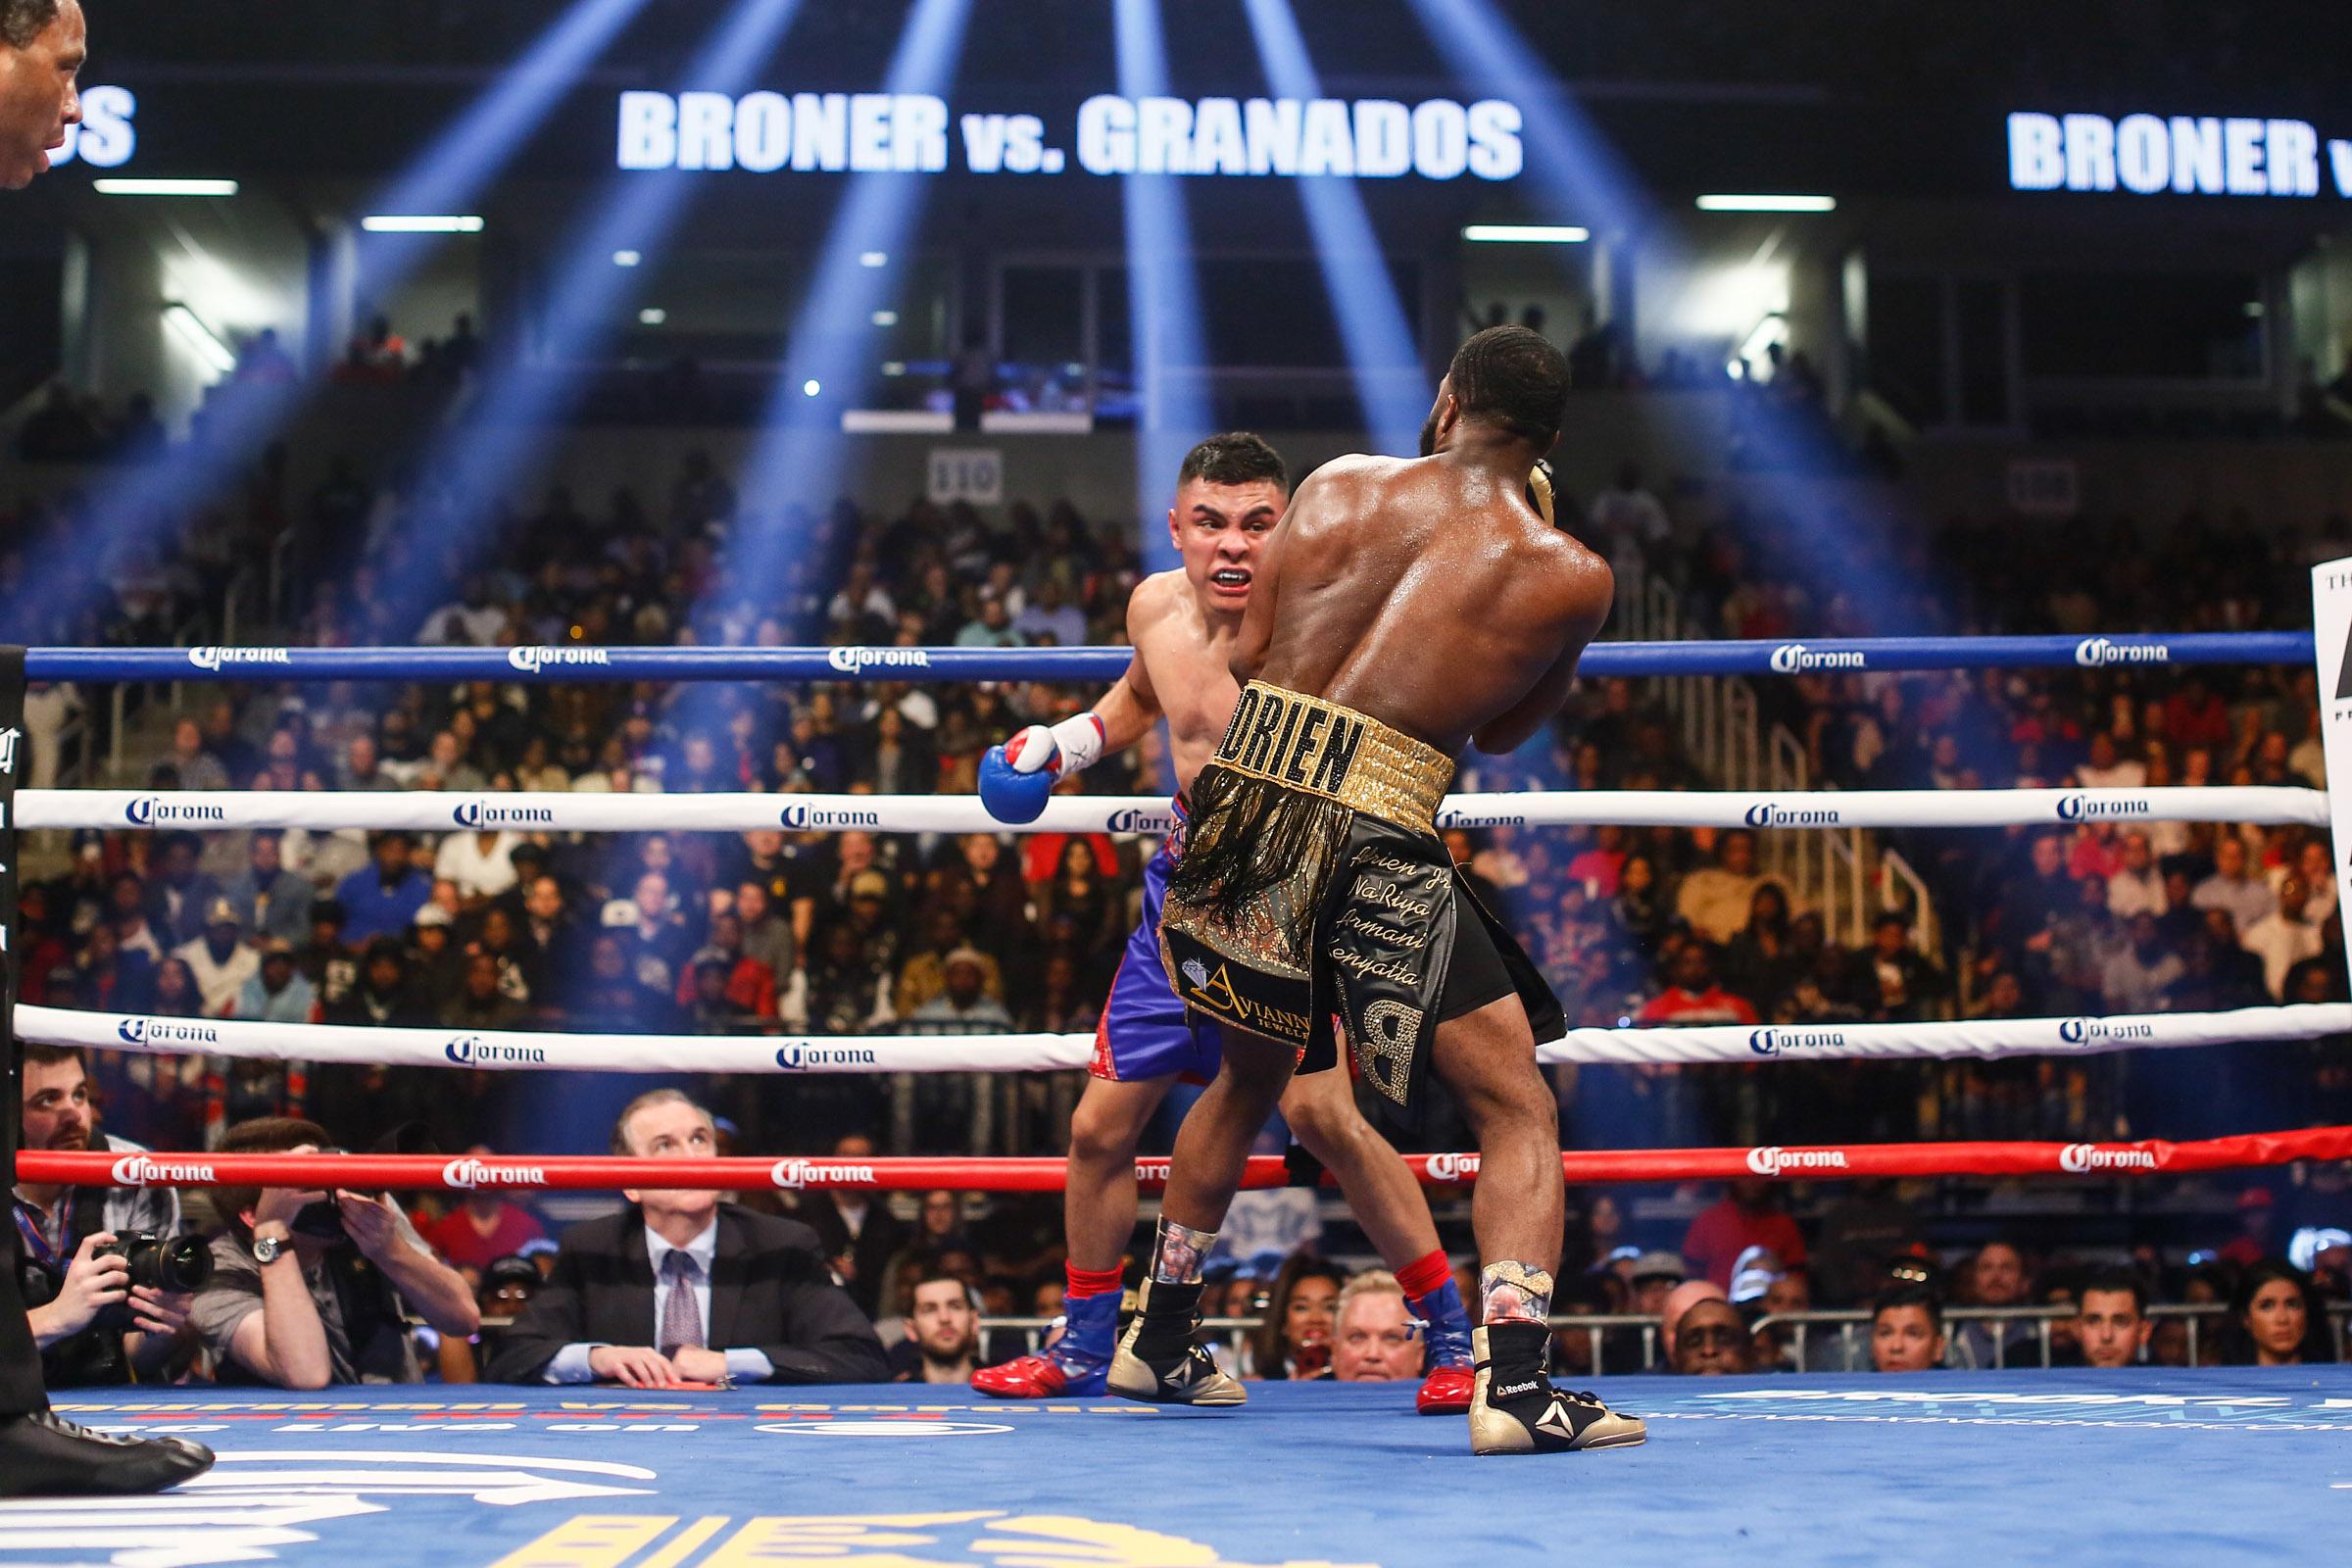 LR_SHO-FIGHT NIGHT-BRONER VS GRANADOS-02182017-9541.jpg